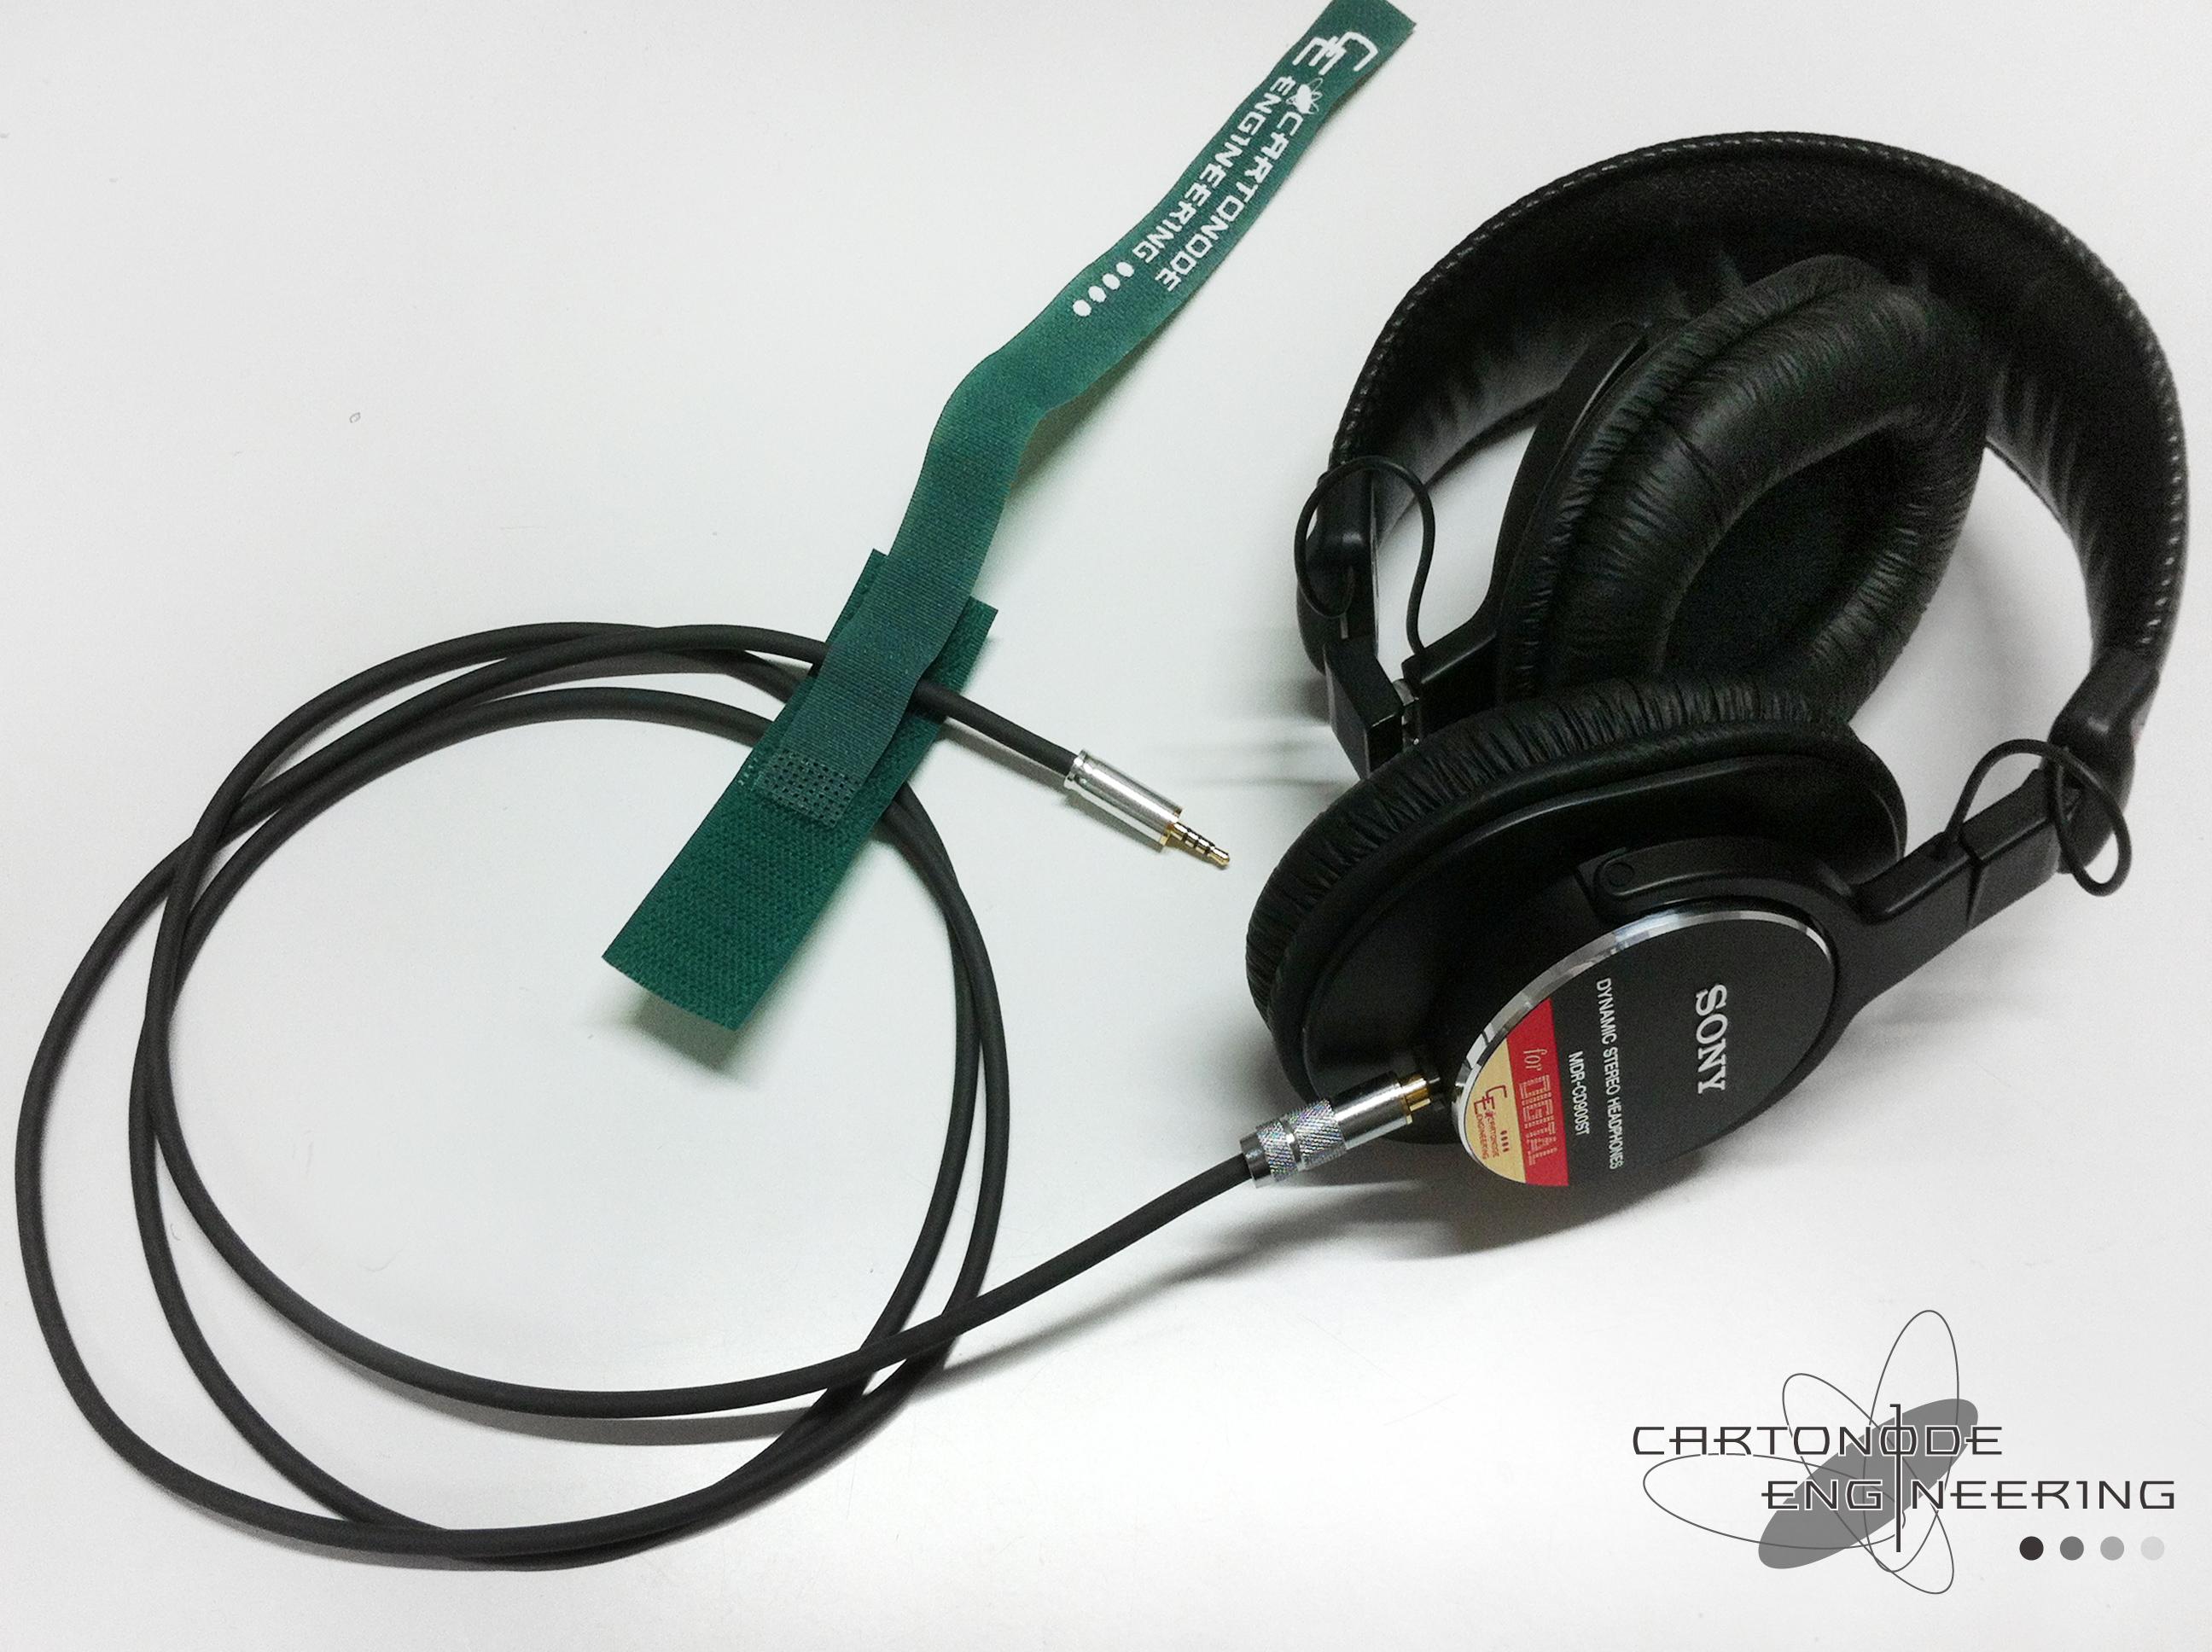 MDR-CD900STMODバランス脱着仕様φ2.5